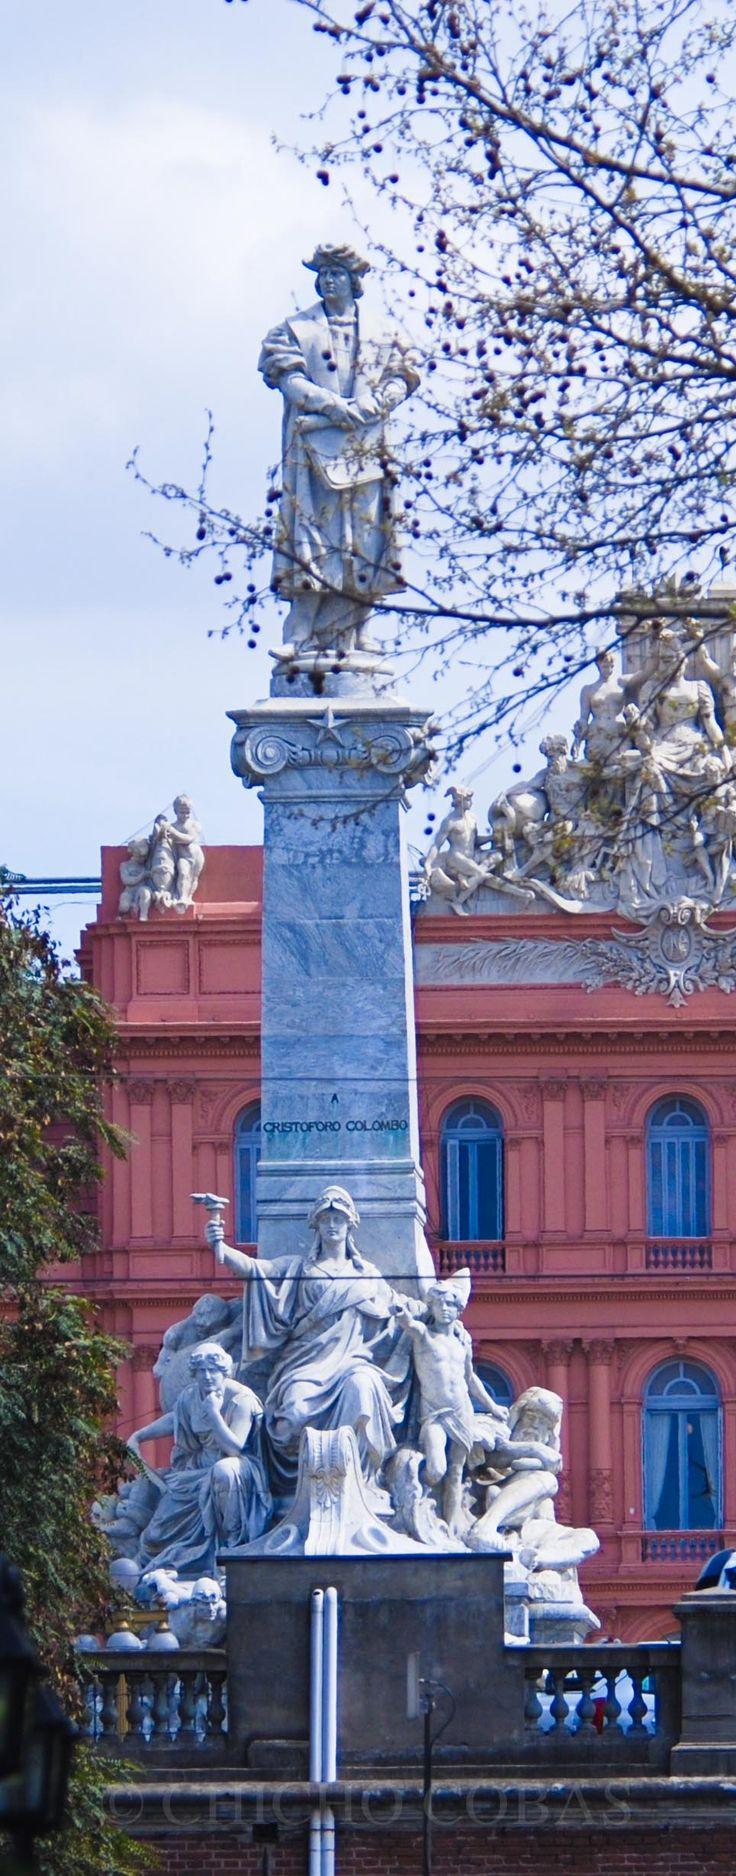 Monumento a Cristobal  Colon - Actualmente desmantelada -  BUENOS  AIRES